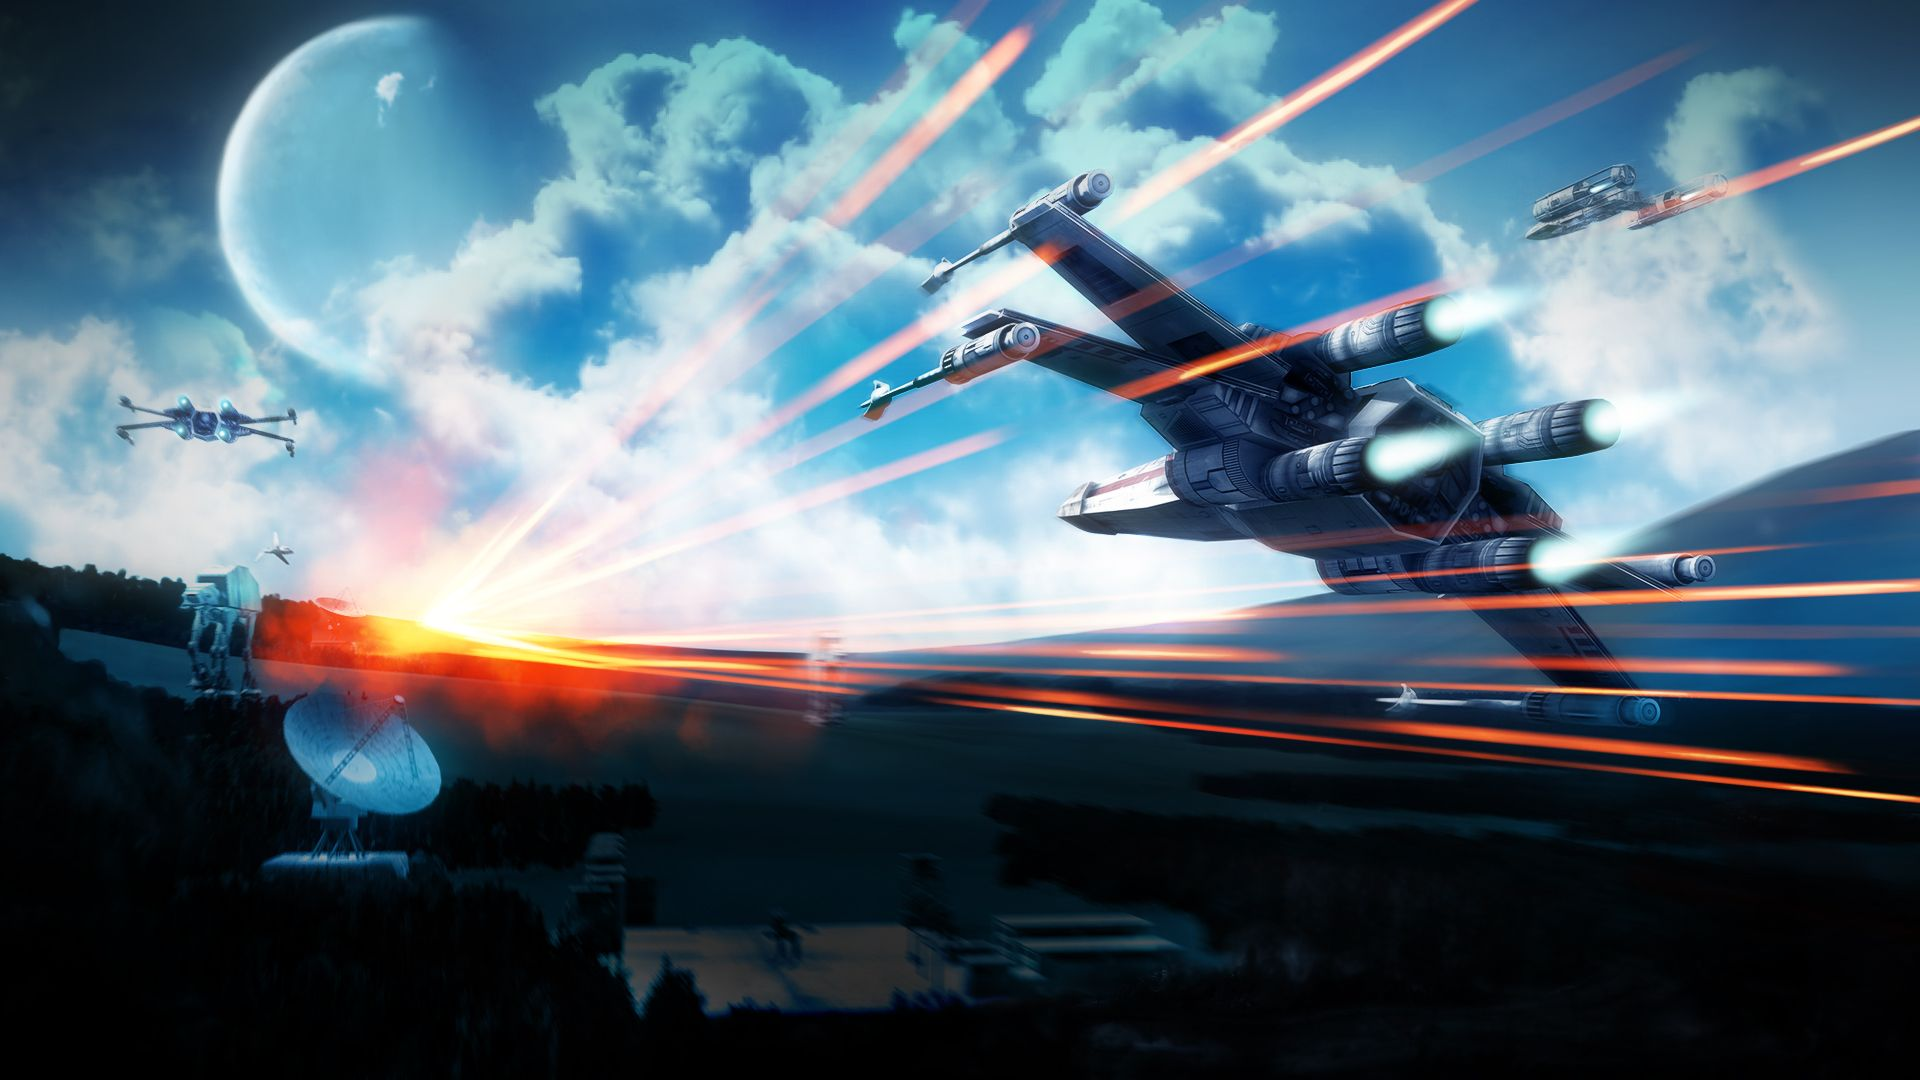 Bf3 Trandoshan Border By Lonefirewarrior Deviantart Com On Deviantart Star Wars Wallpaper Star Wars Poster Sci Fi Wallpaper